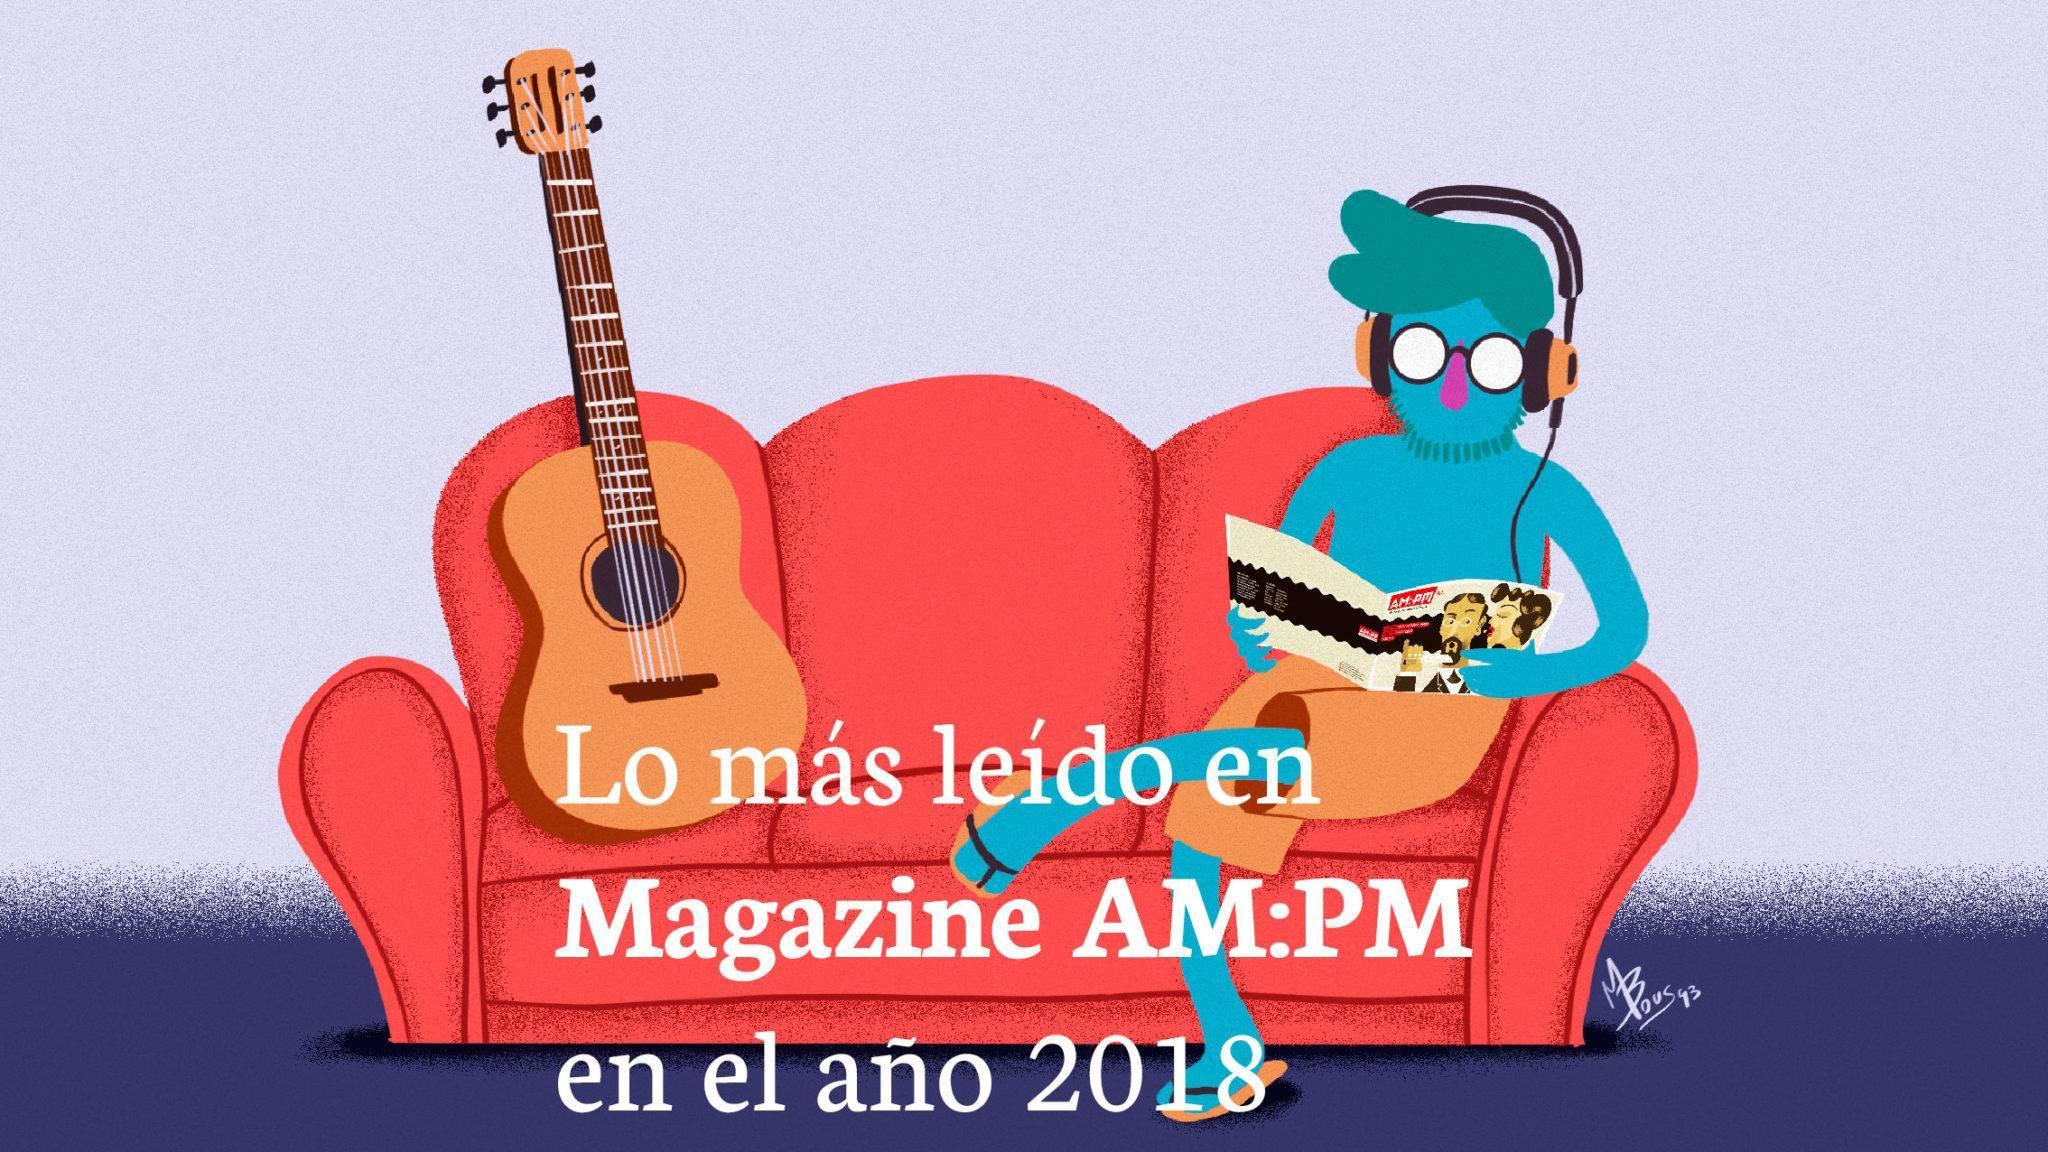 Lo más leído en 2018 en Magazine AM:PM. Ilustración: Mayo Bous / Magazine AM:PM.